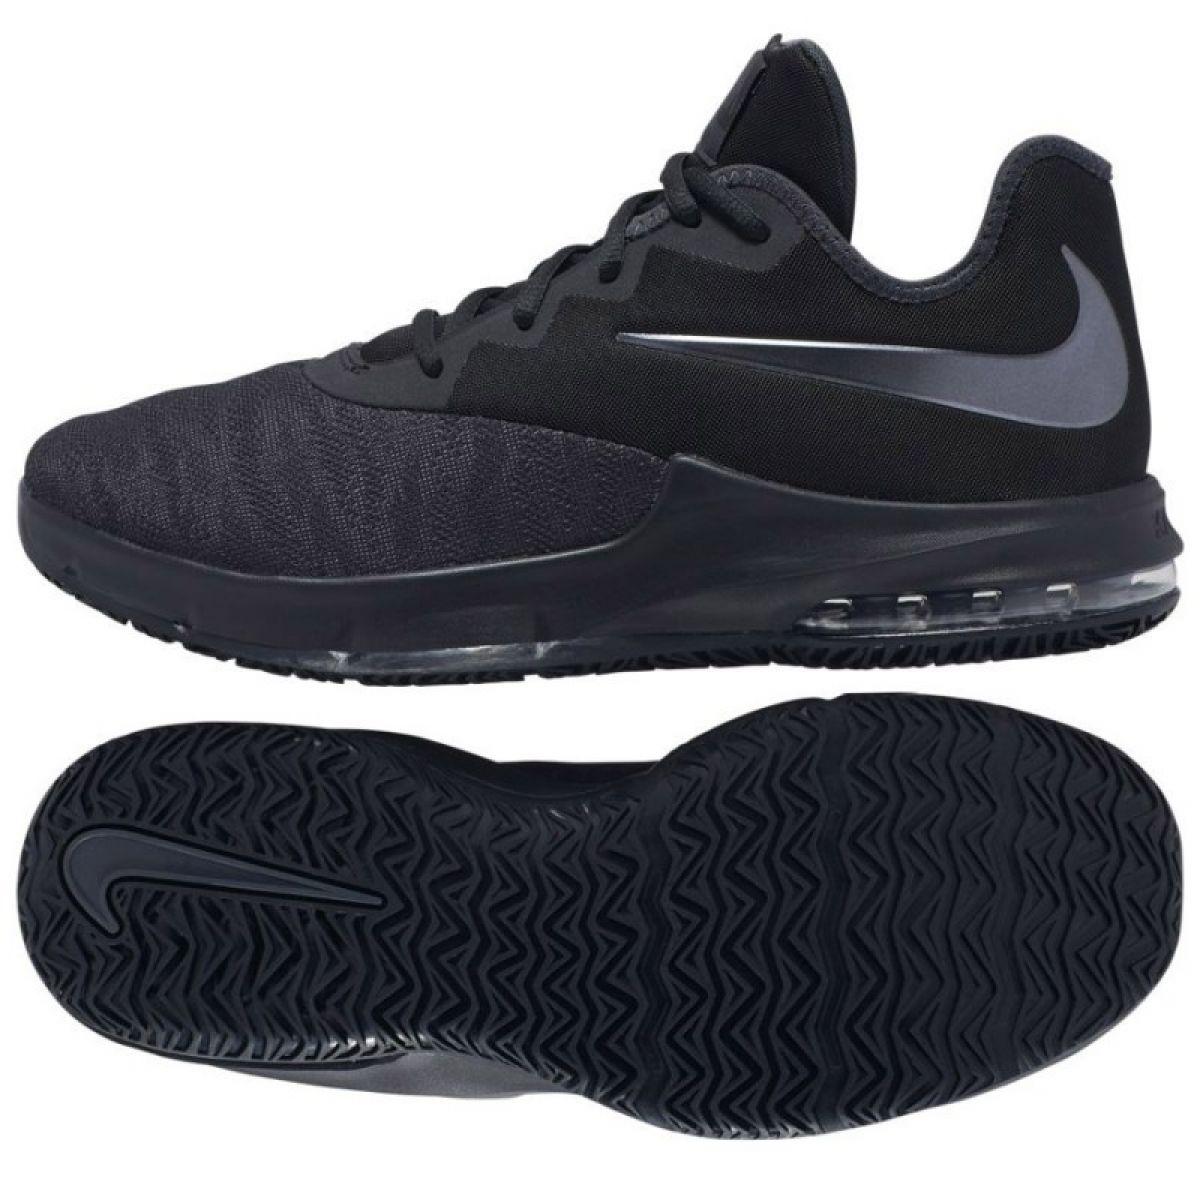 Suchergebnis auf für: nike air max bw Sneaker